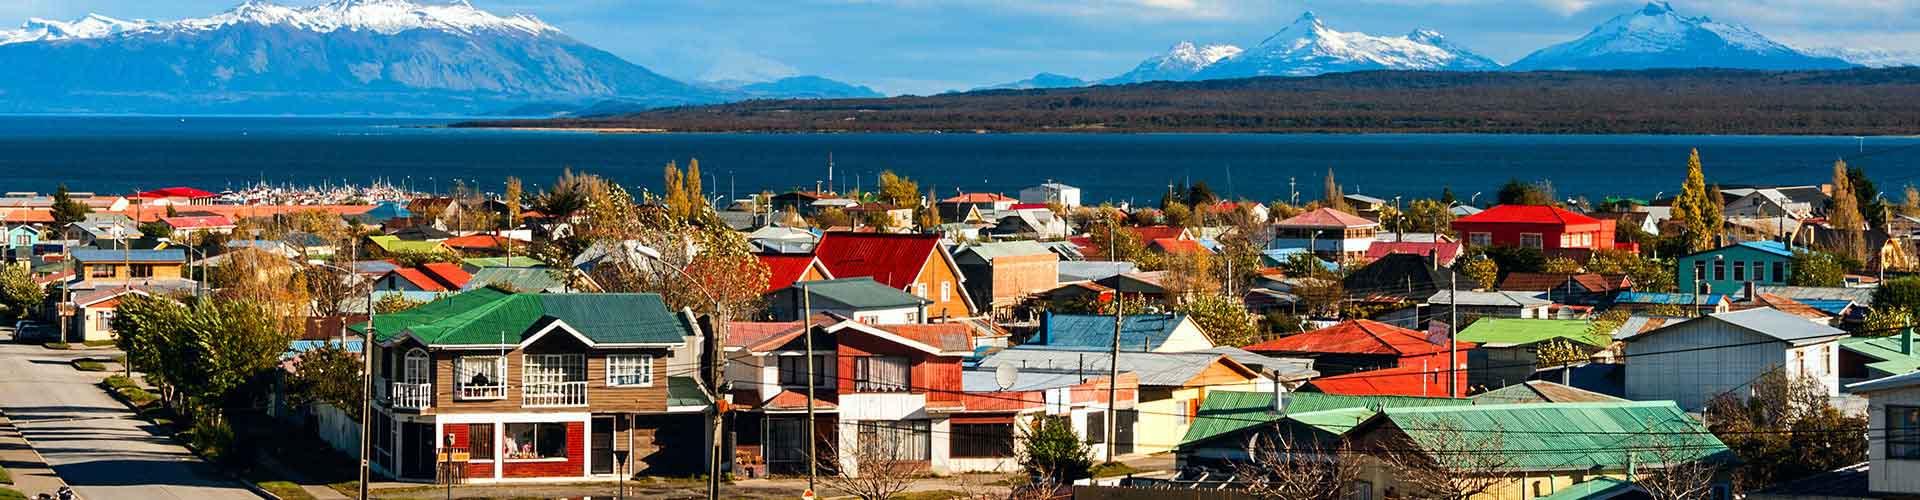 Puerto Natales - Hoteles baratos en Puerto Natales. Mapas de Puerto Natales, Fotos y comentarios de cada Hotel en Puerto Natales.